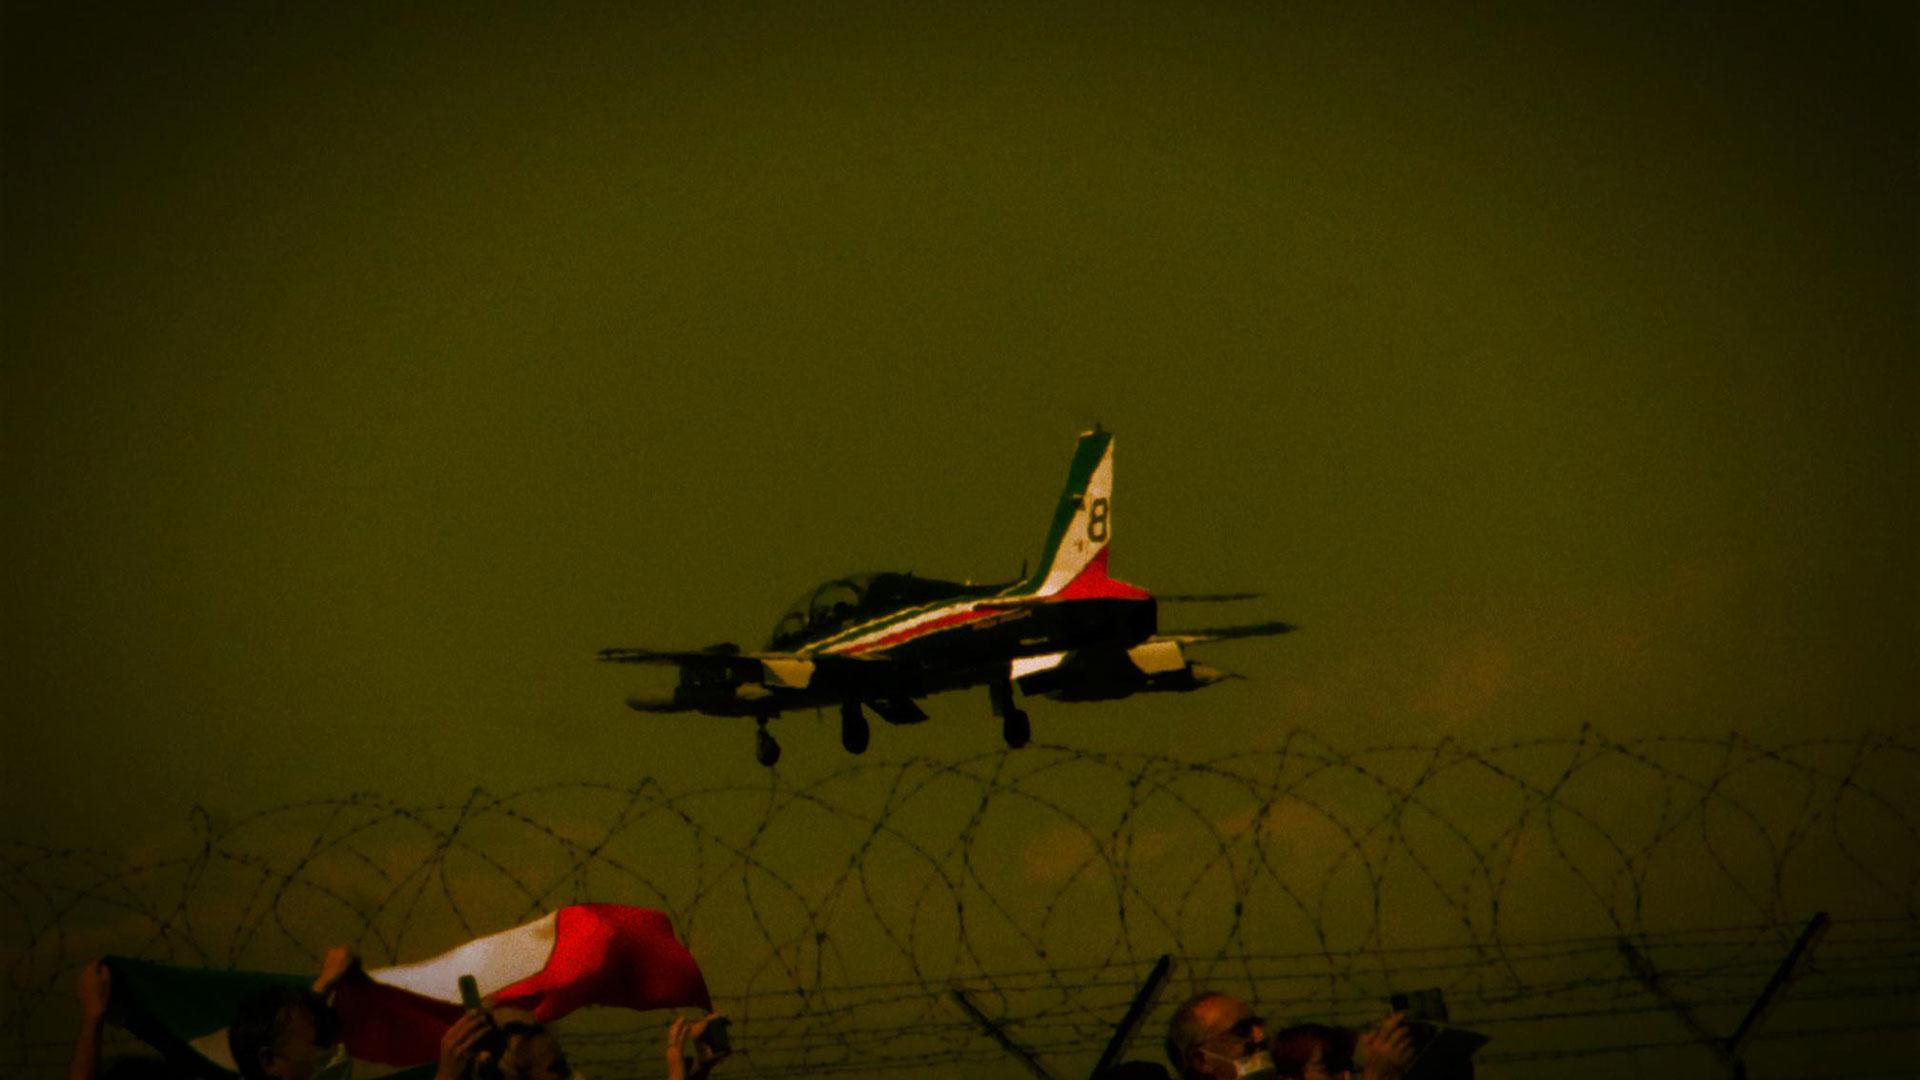 frecce-tricolori-60-anni-pan-pattuglia-acrobatica-nazionale-aeronautica-militare-(56)